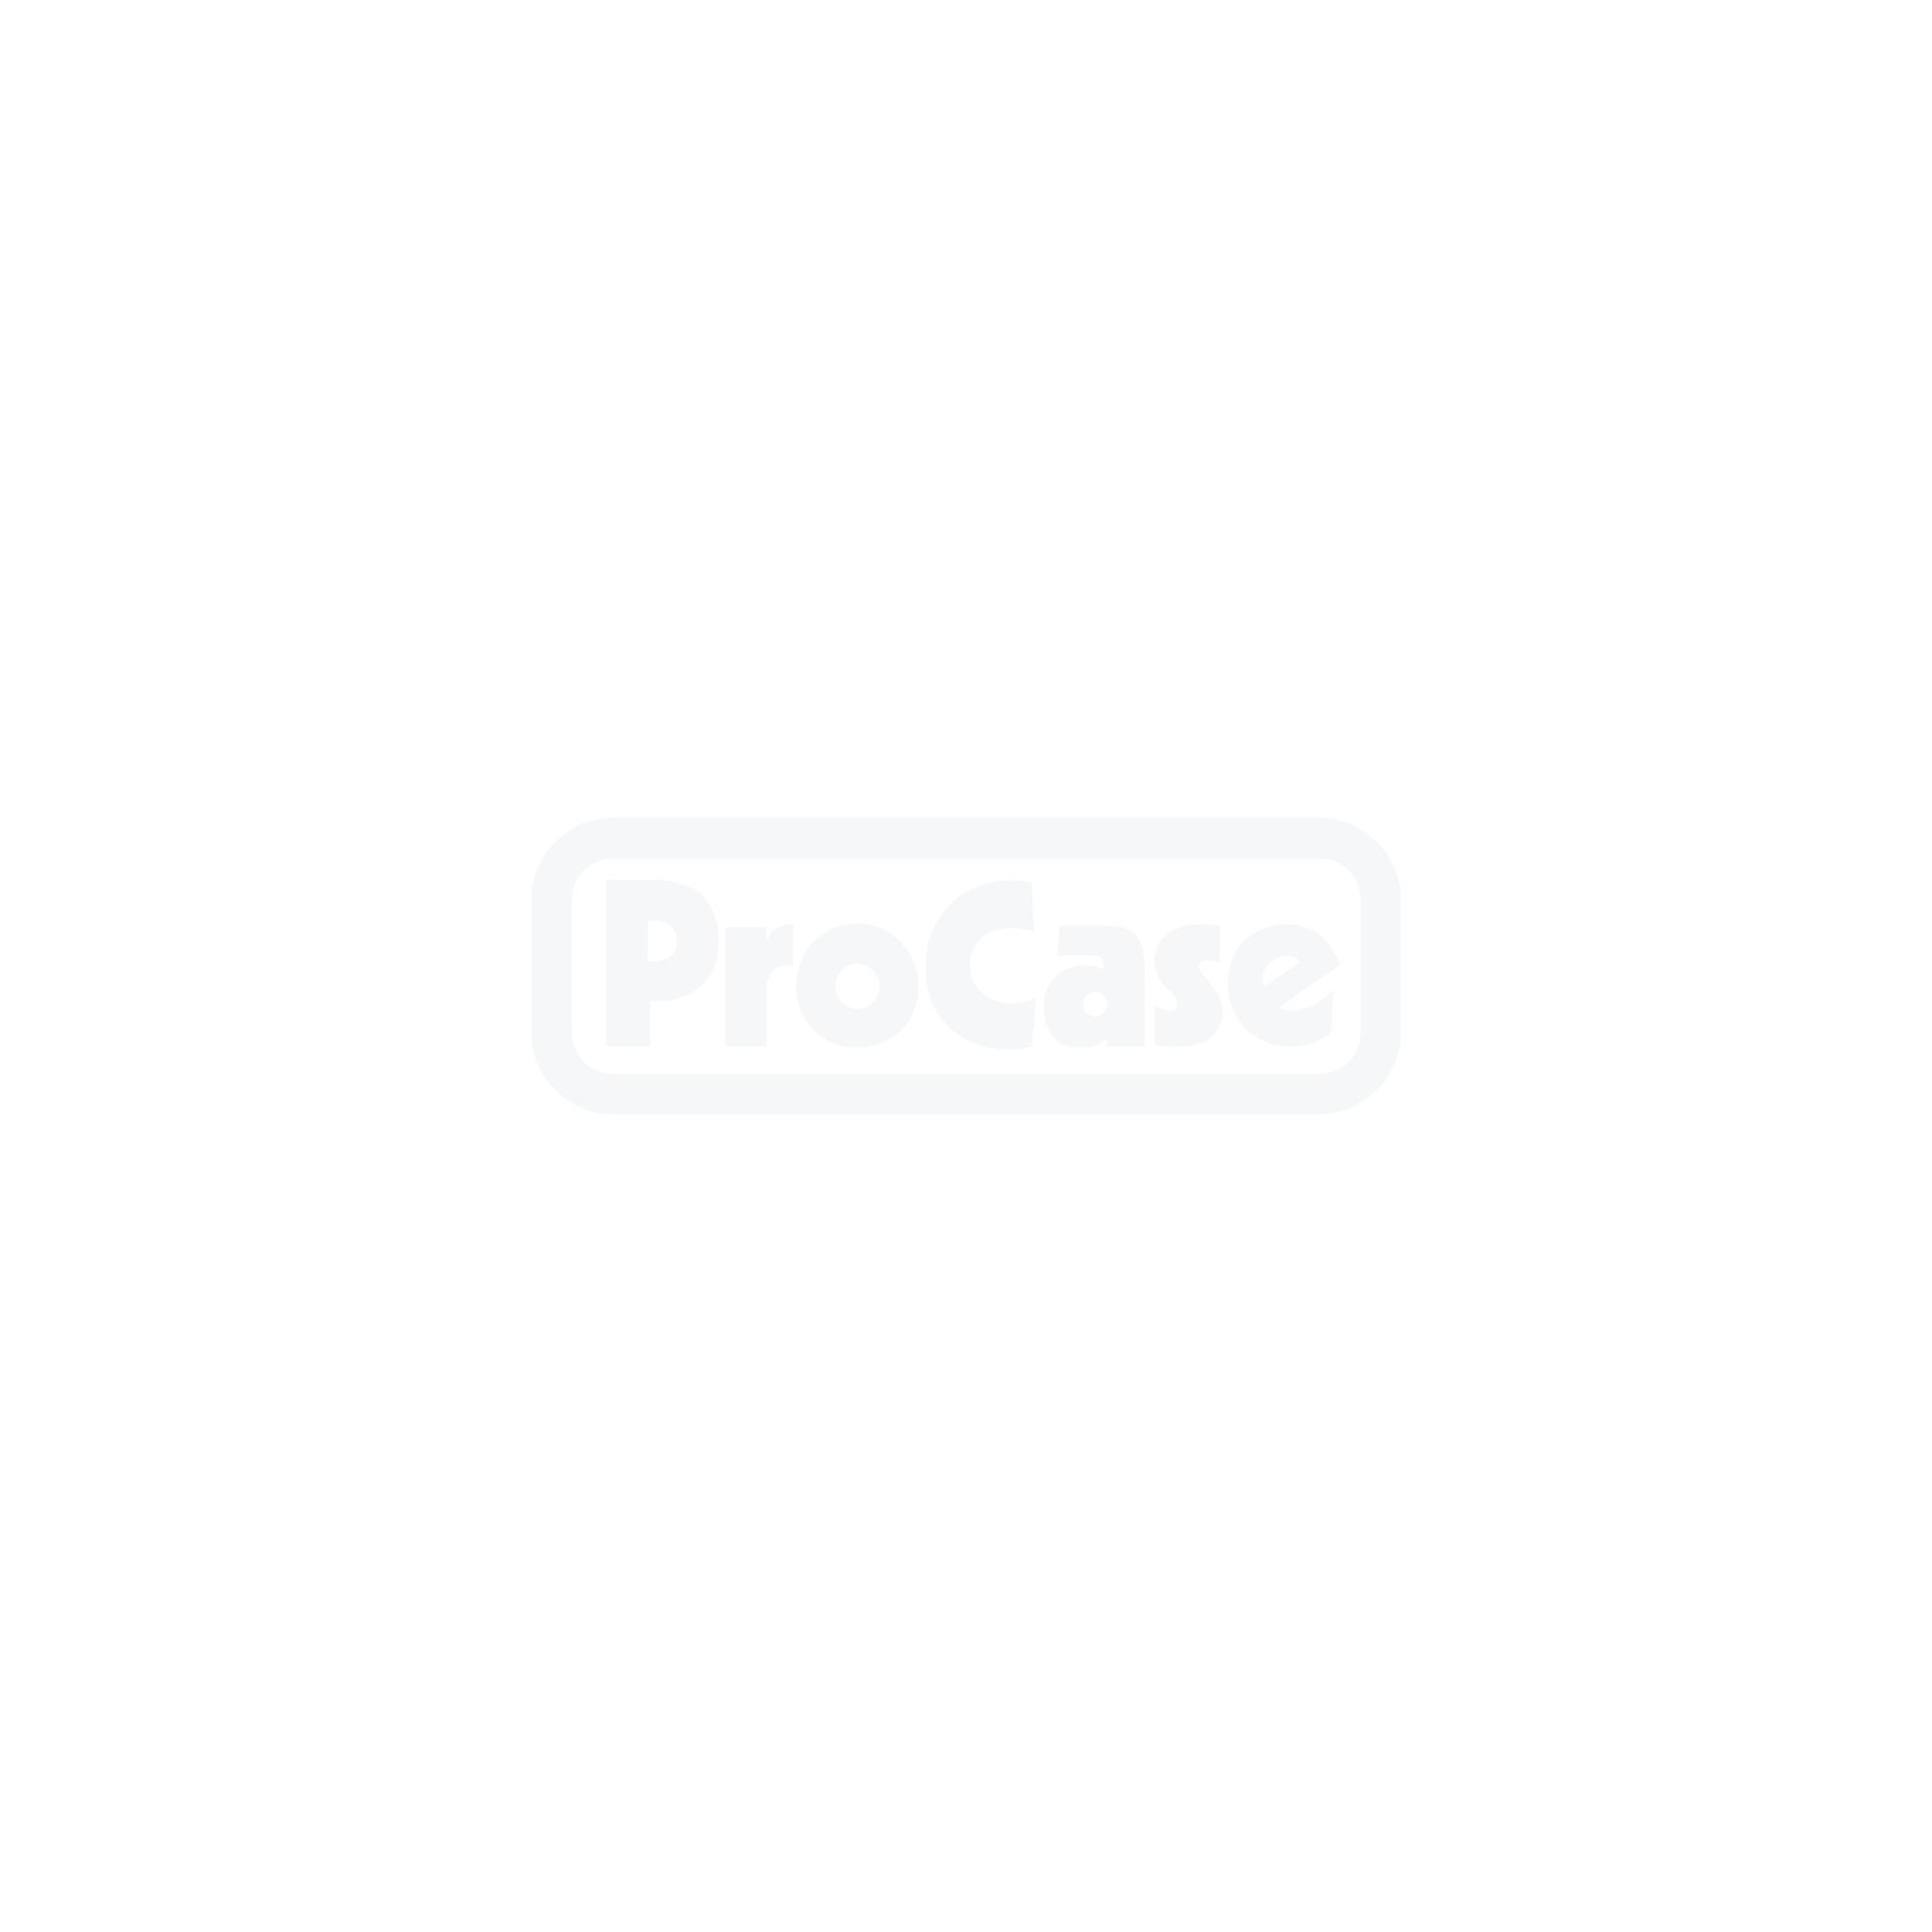 Flightcase für Craaft Nove ELC26 - 4er Cradle